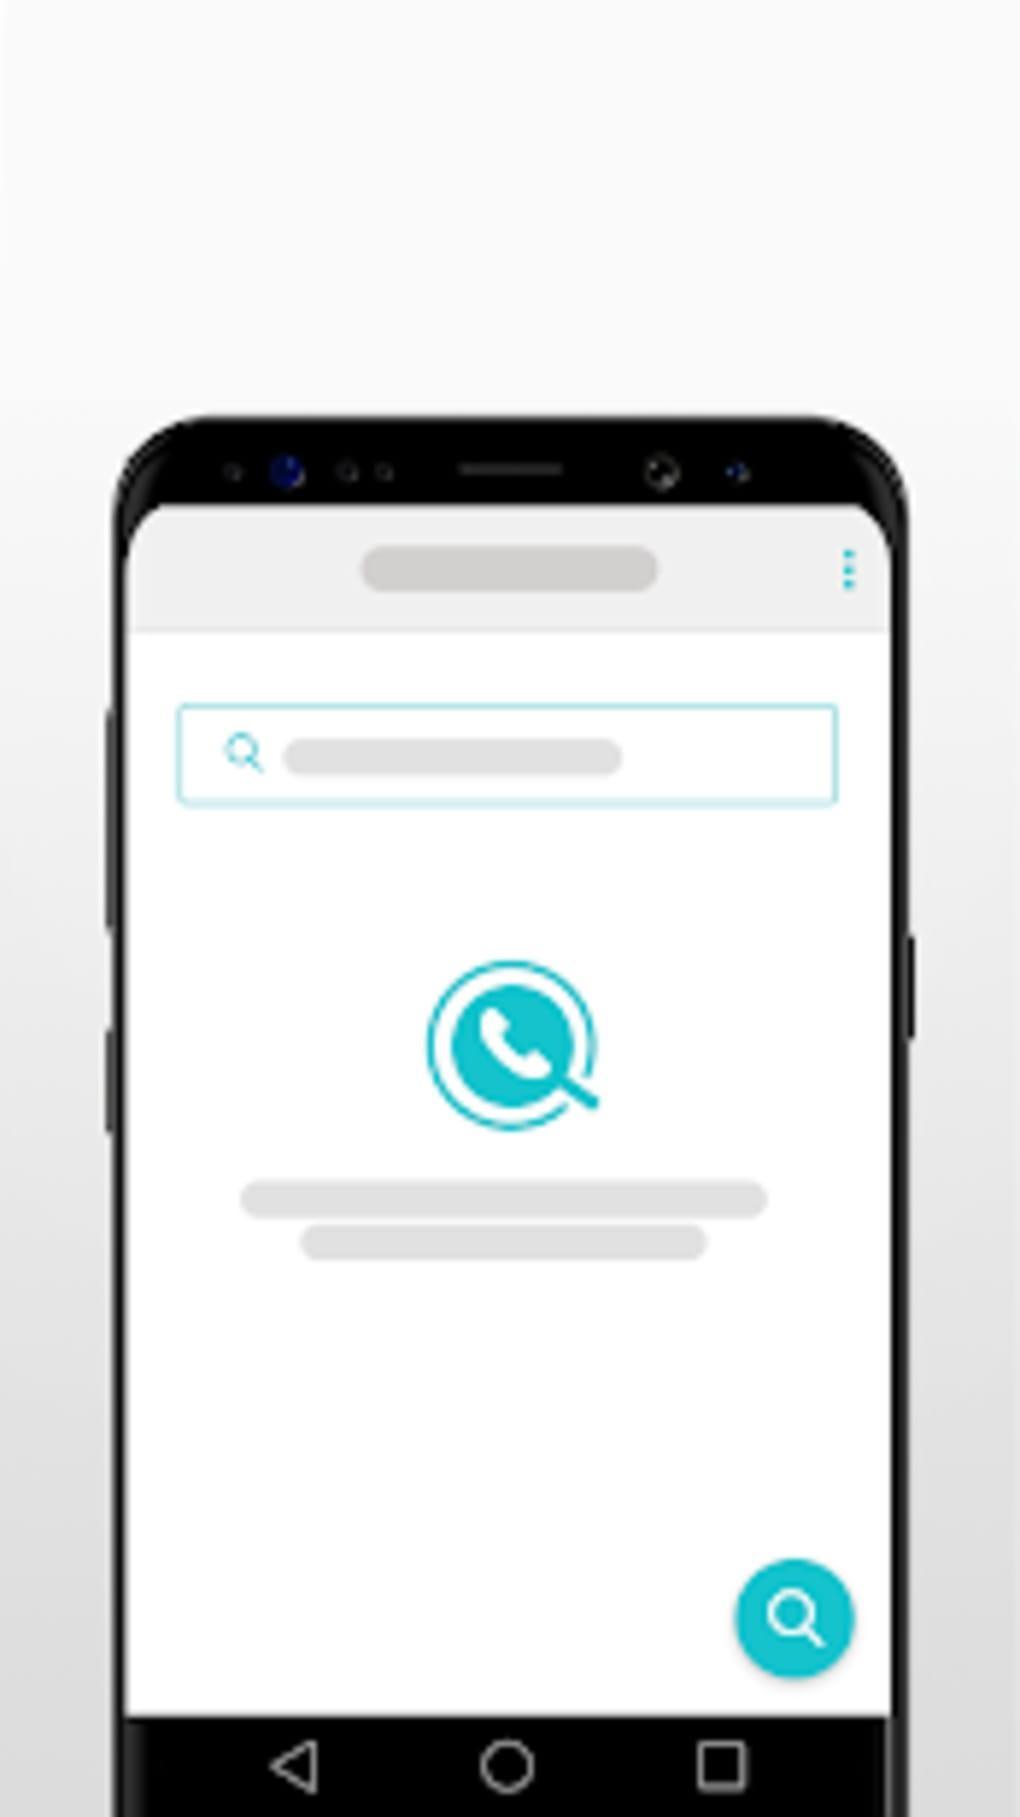 Number Finder Apk For Android Download